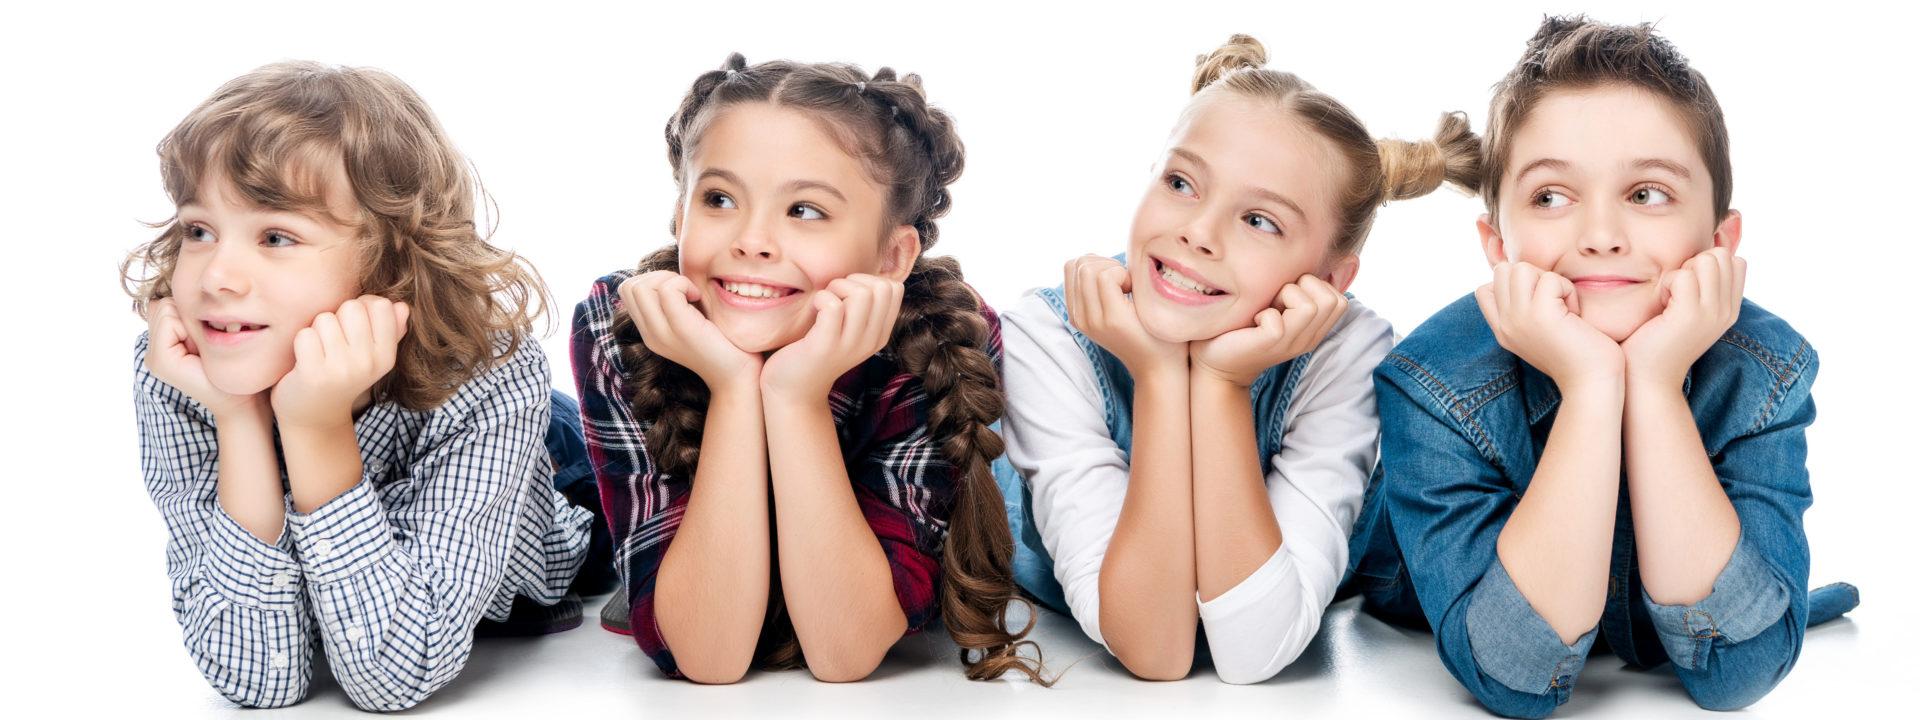 Арт-курсы для детей 8-12 лет